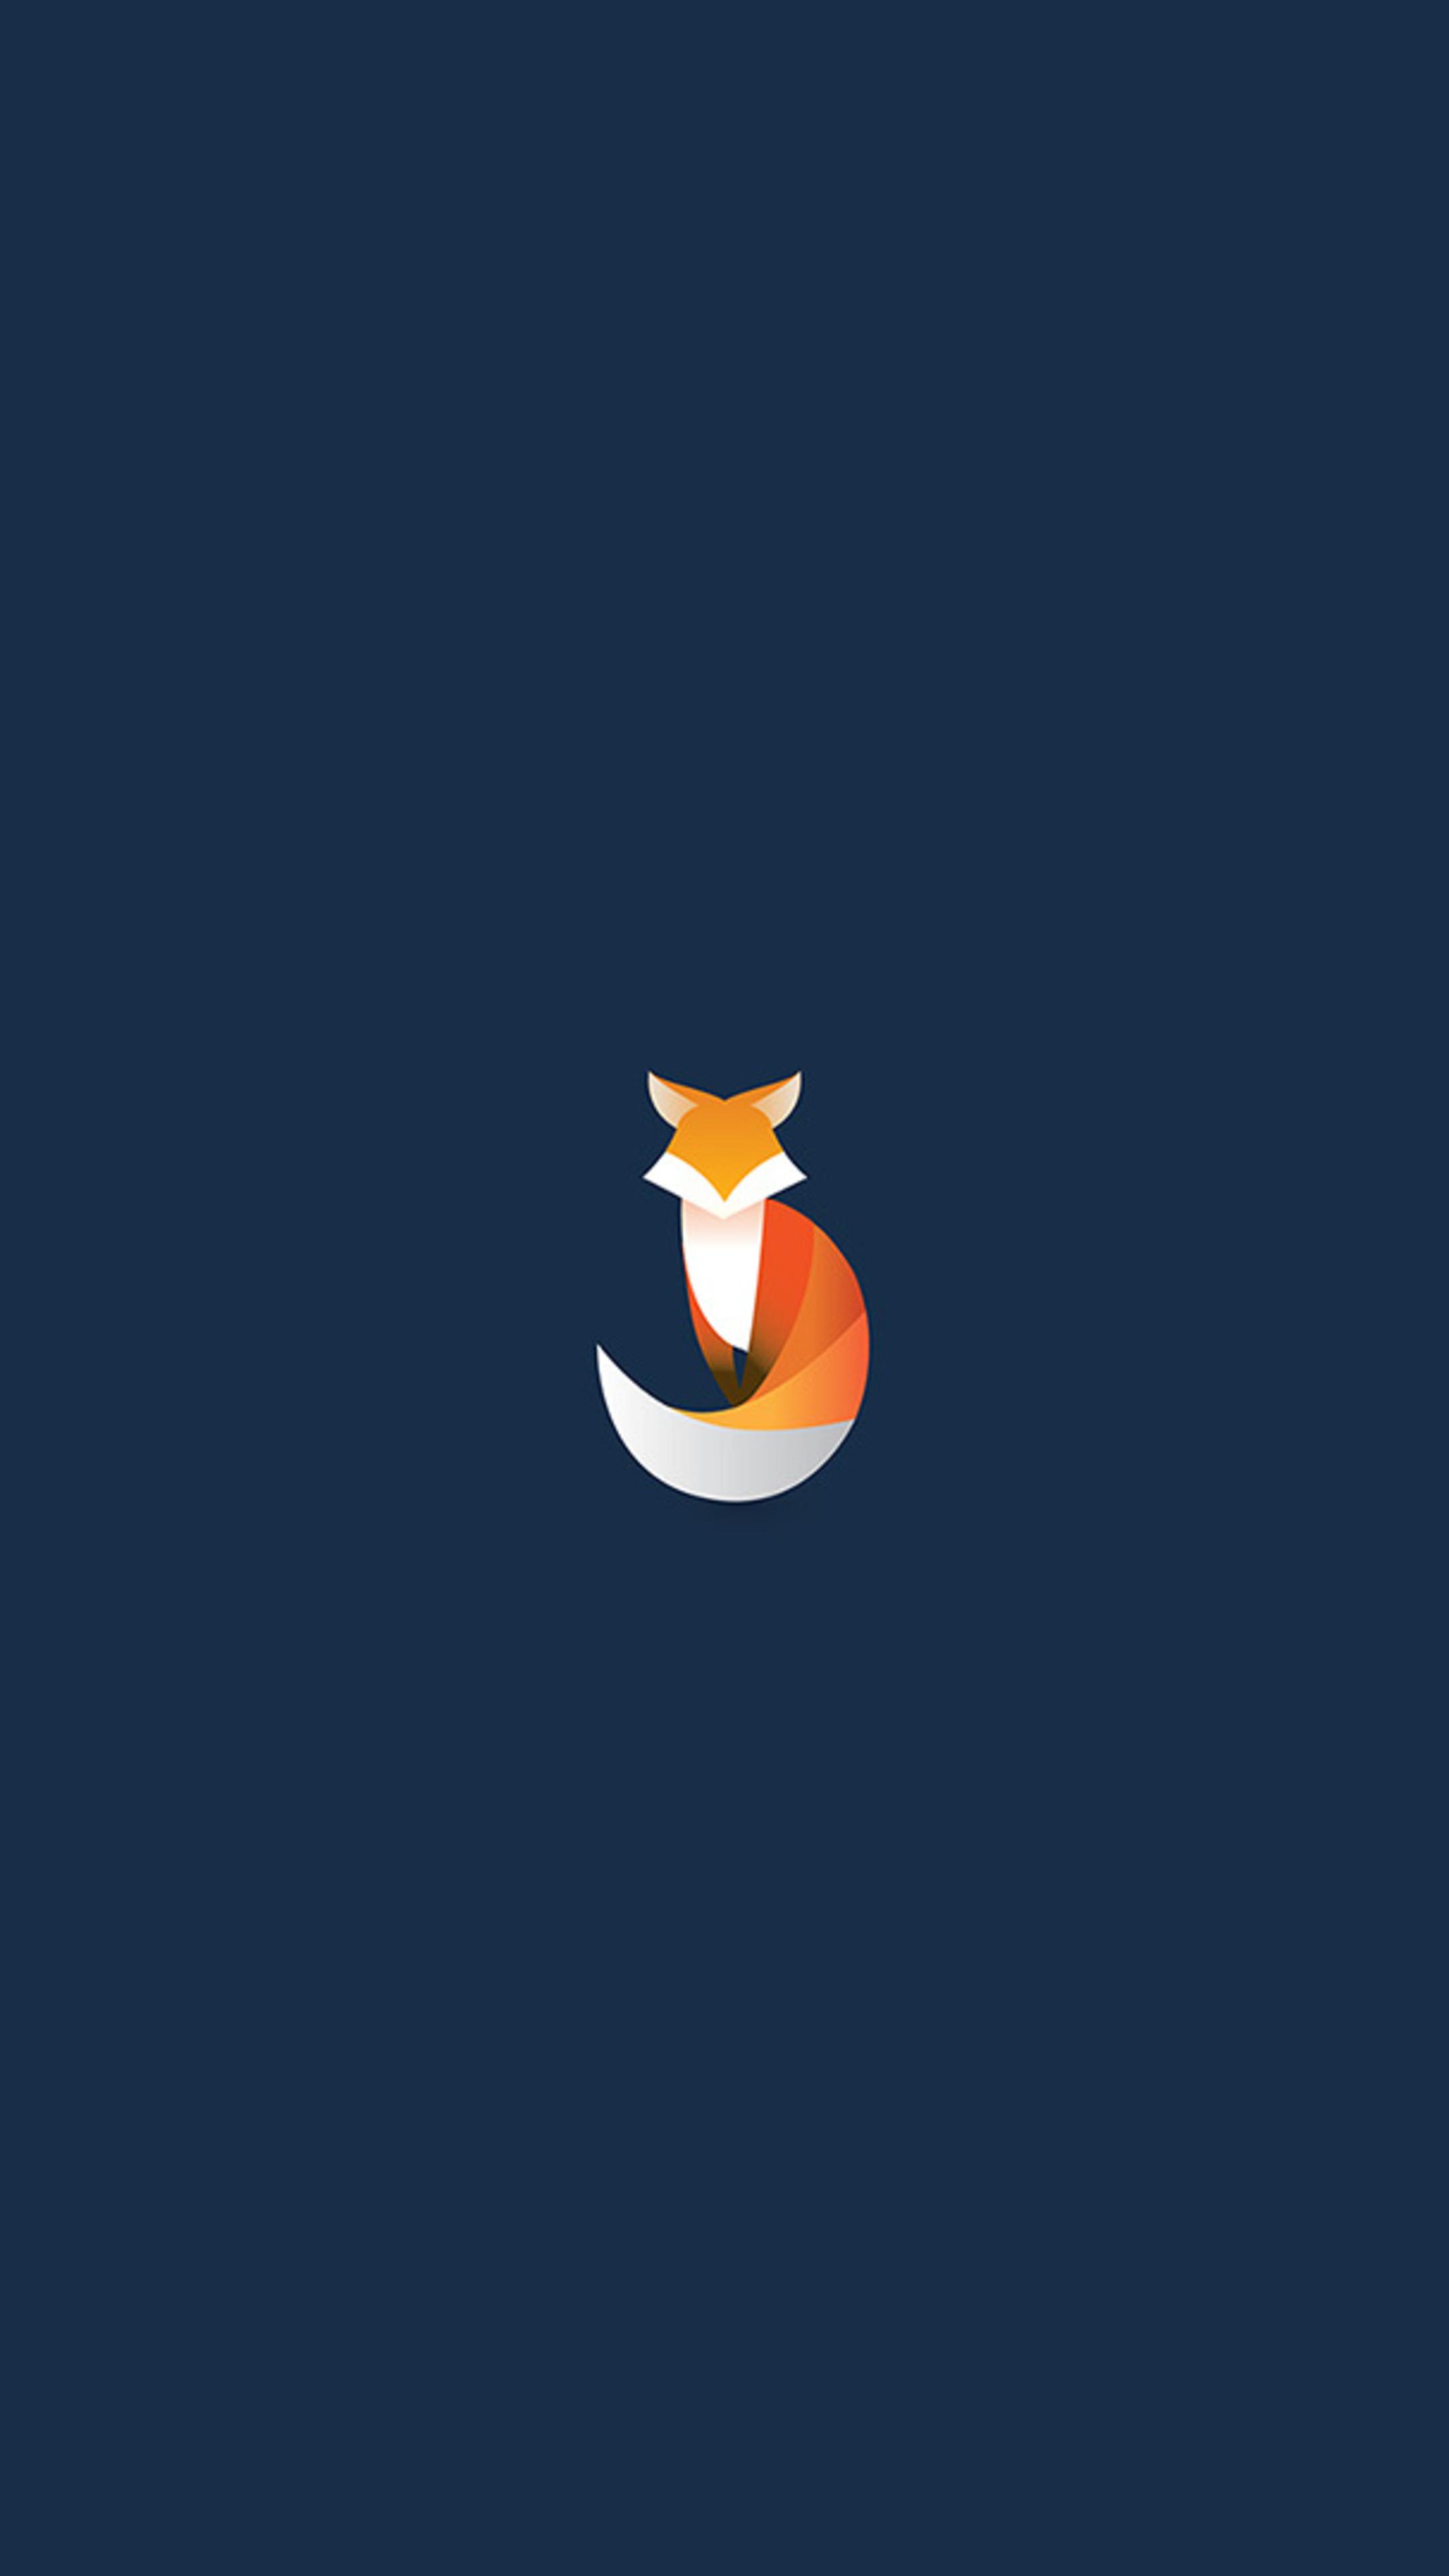 2160x3840 fox logo minimalism sony xperia x xz z5 premium - Art wallpaper 2160x3840 ...